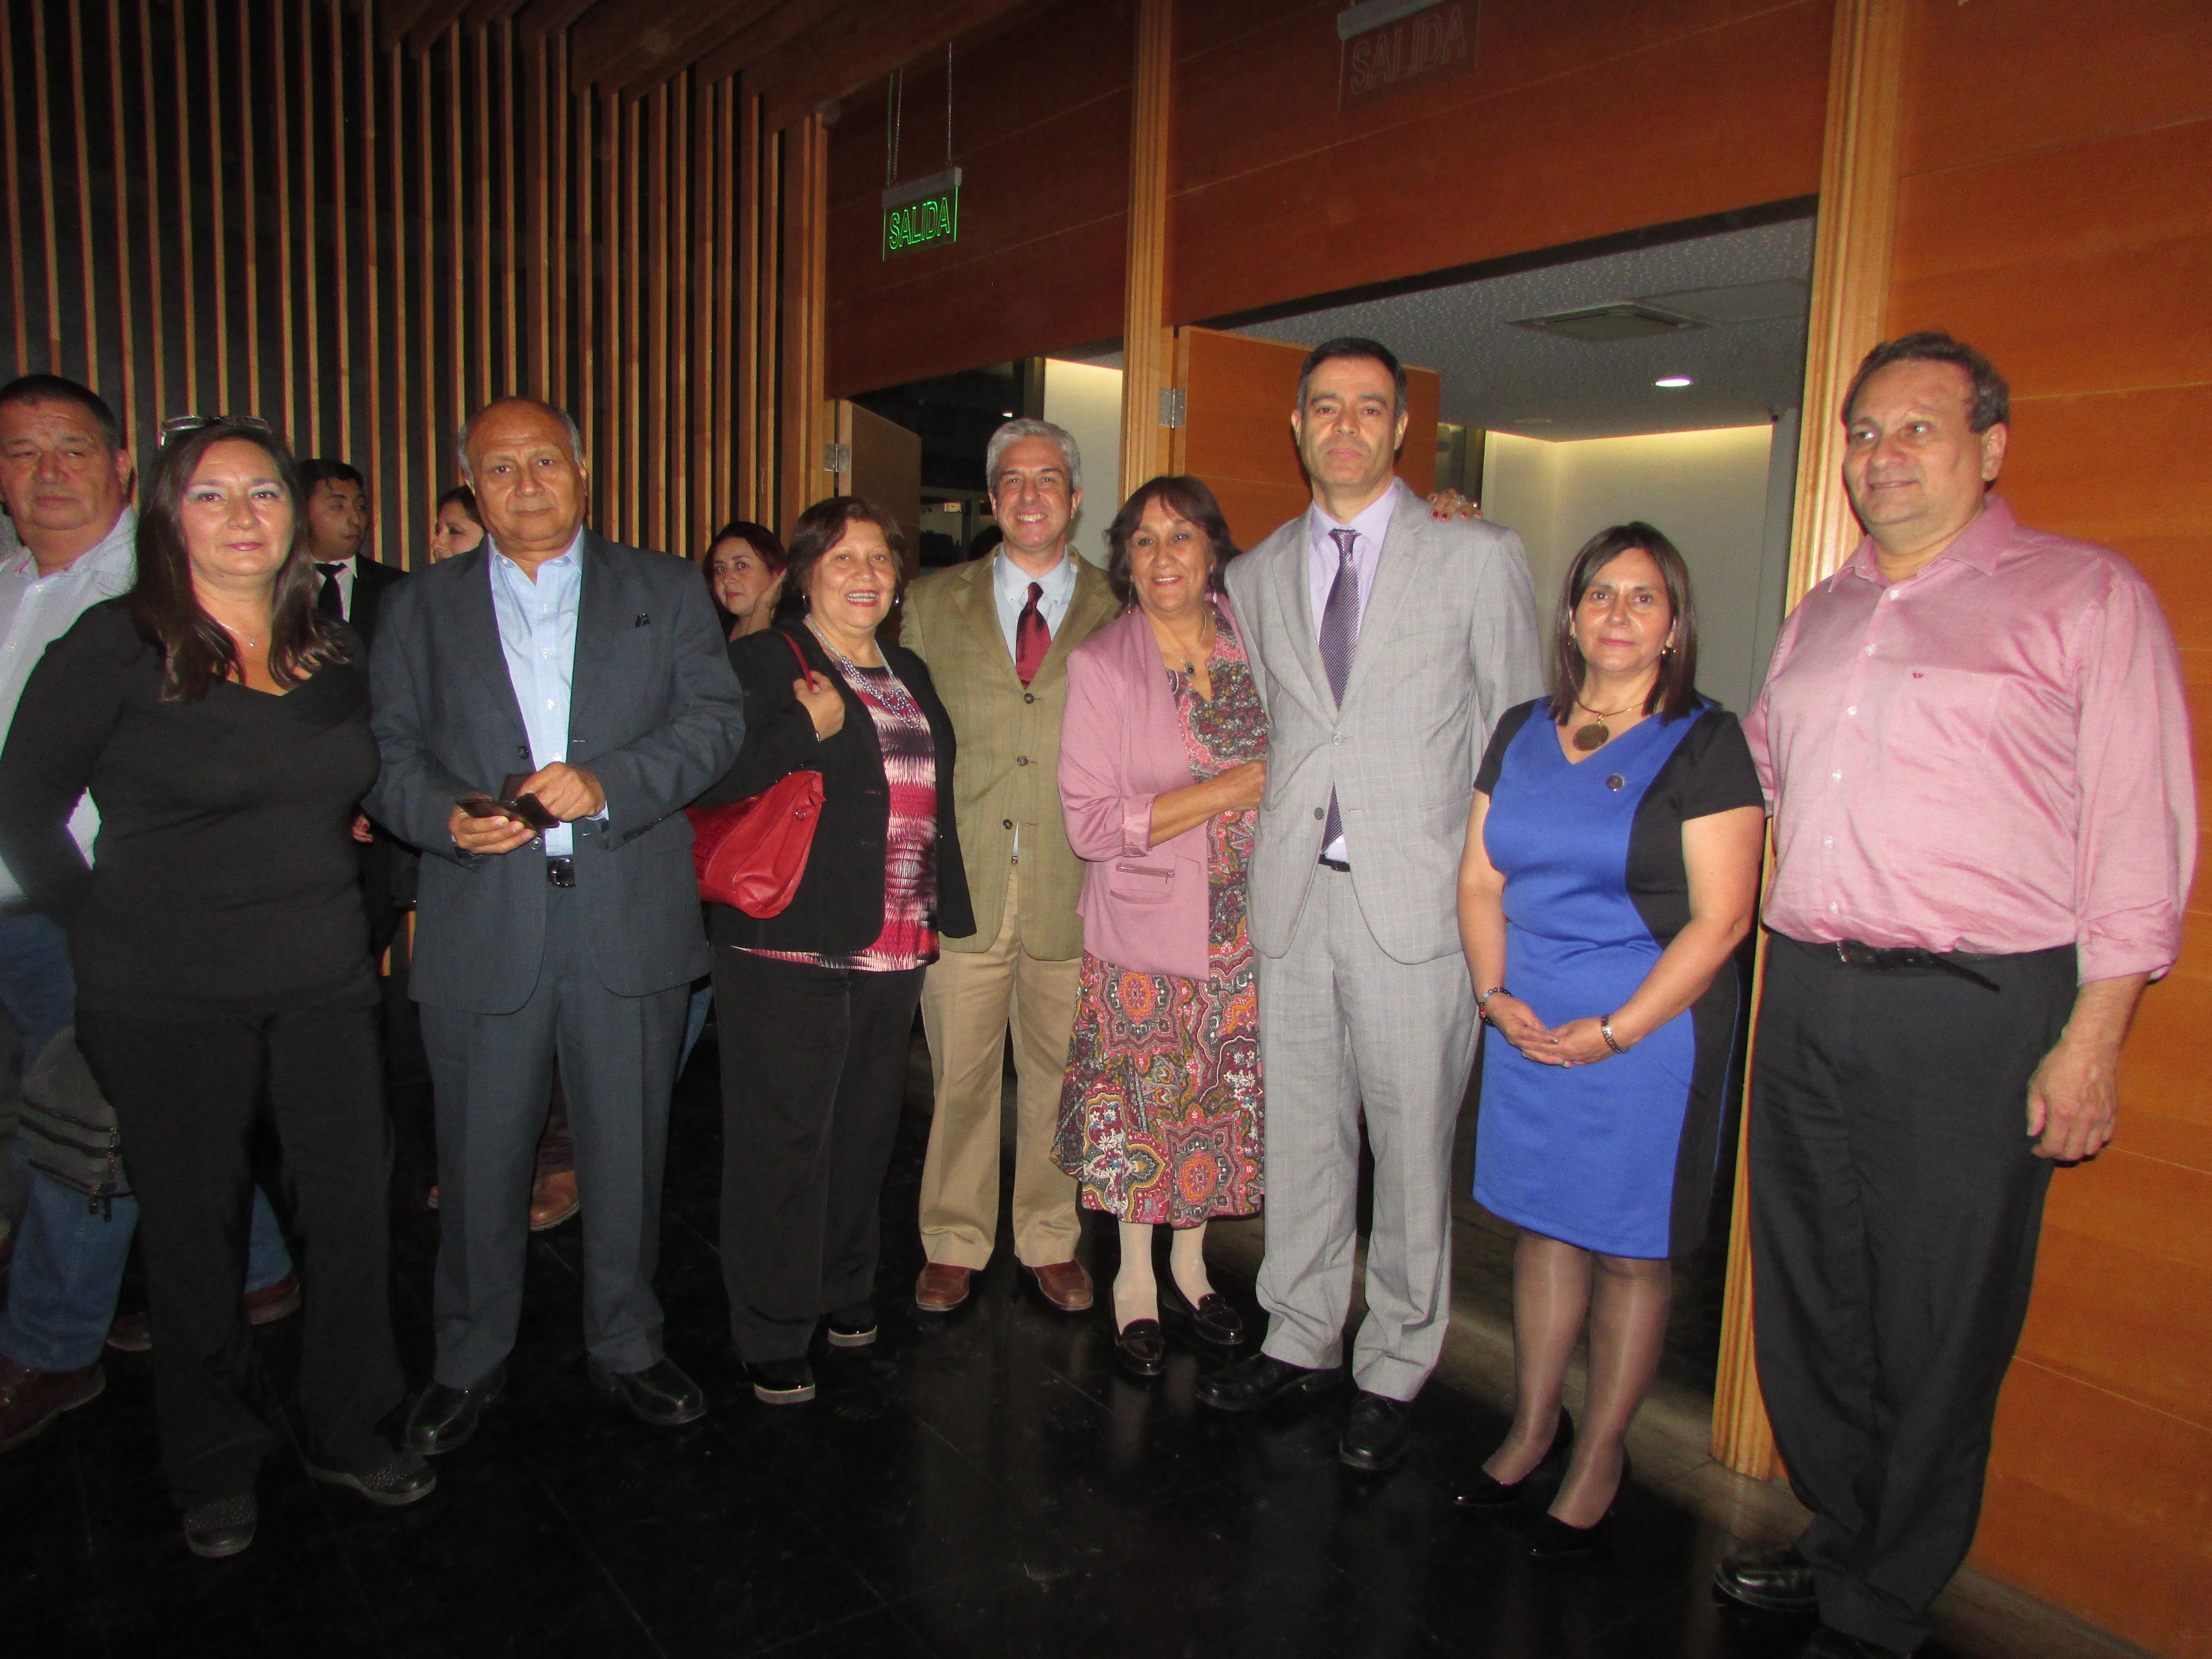 AET Santiago celebró su Aniversario N°79 con una cena de camaradería para todos sus socios y socias - 27 Abril 2018